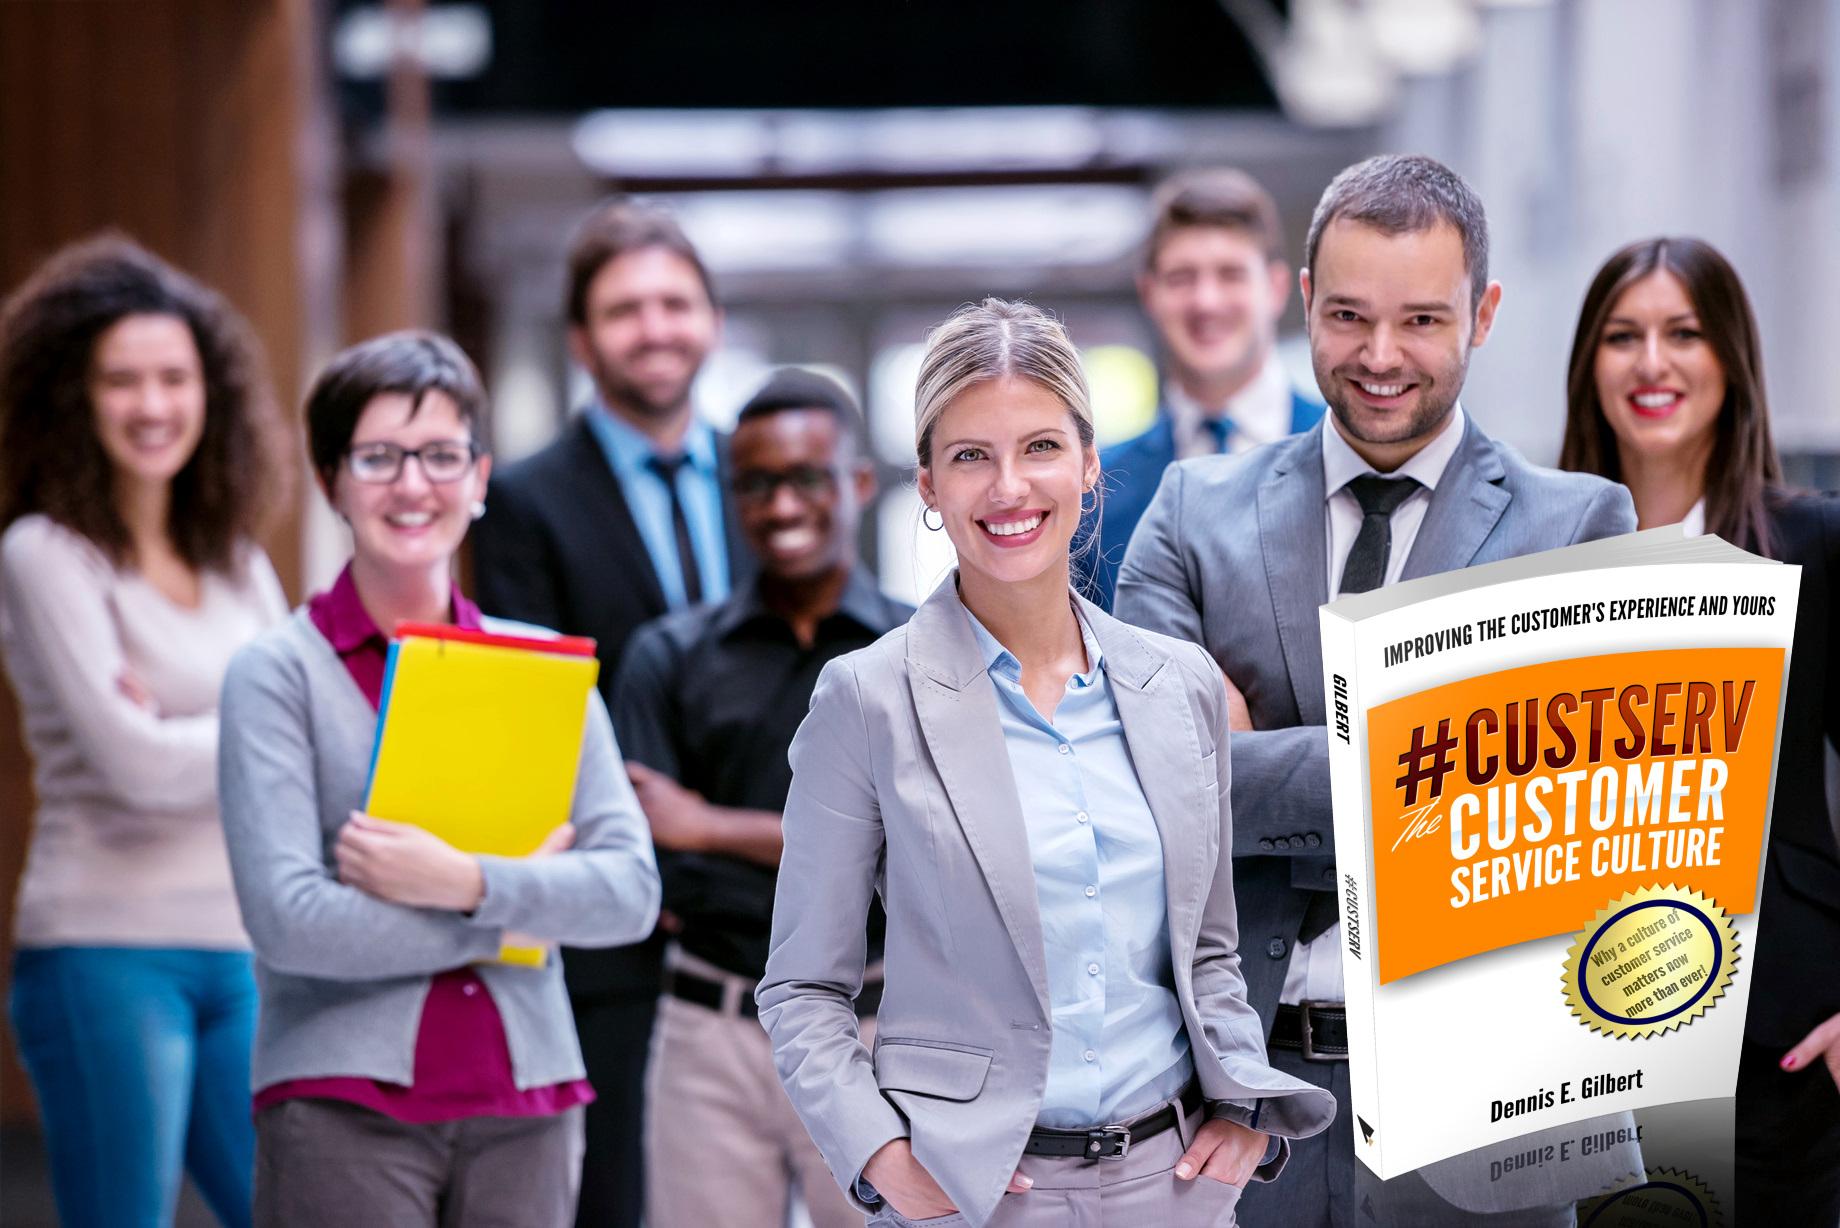 business people #custserv